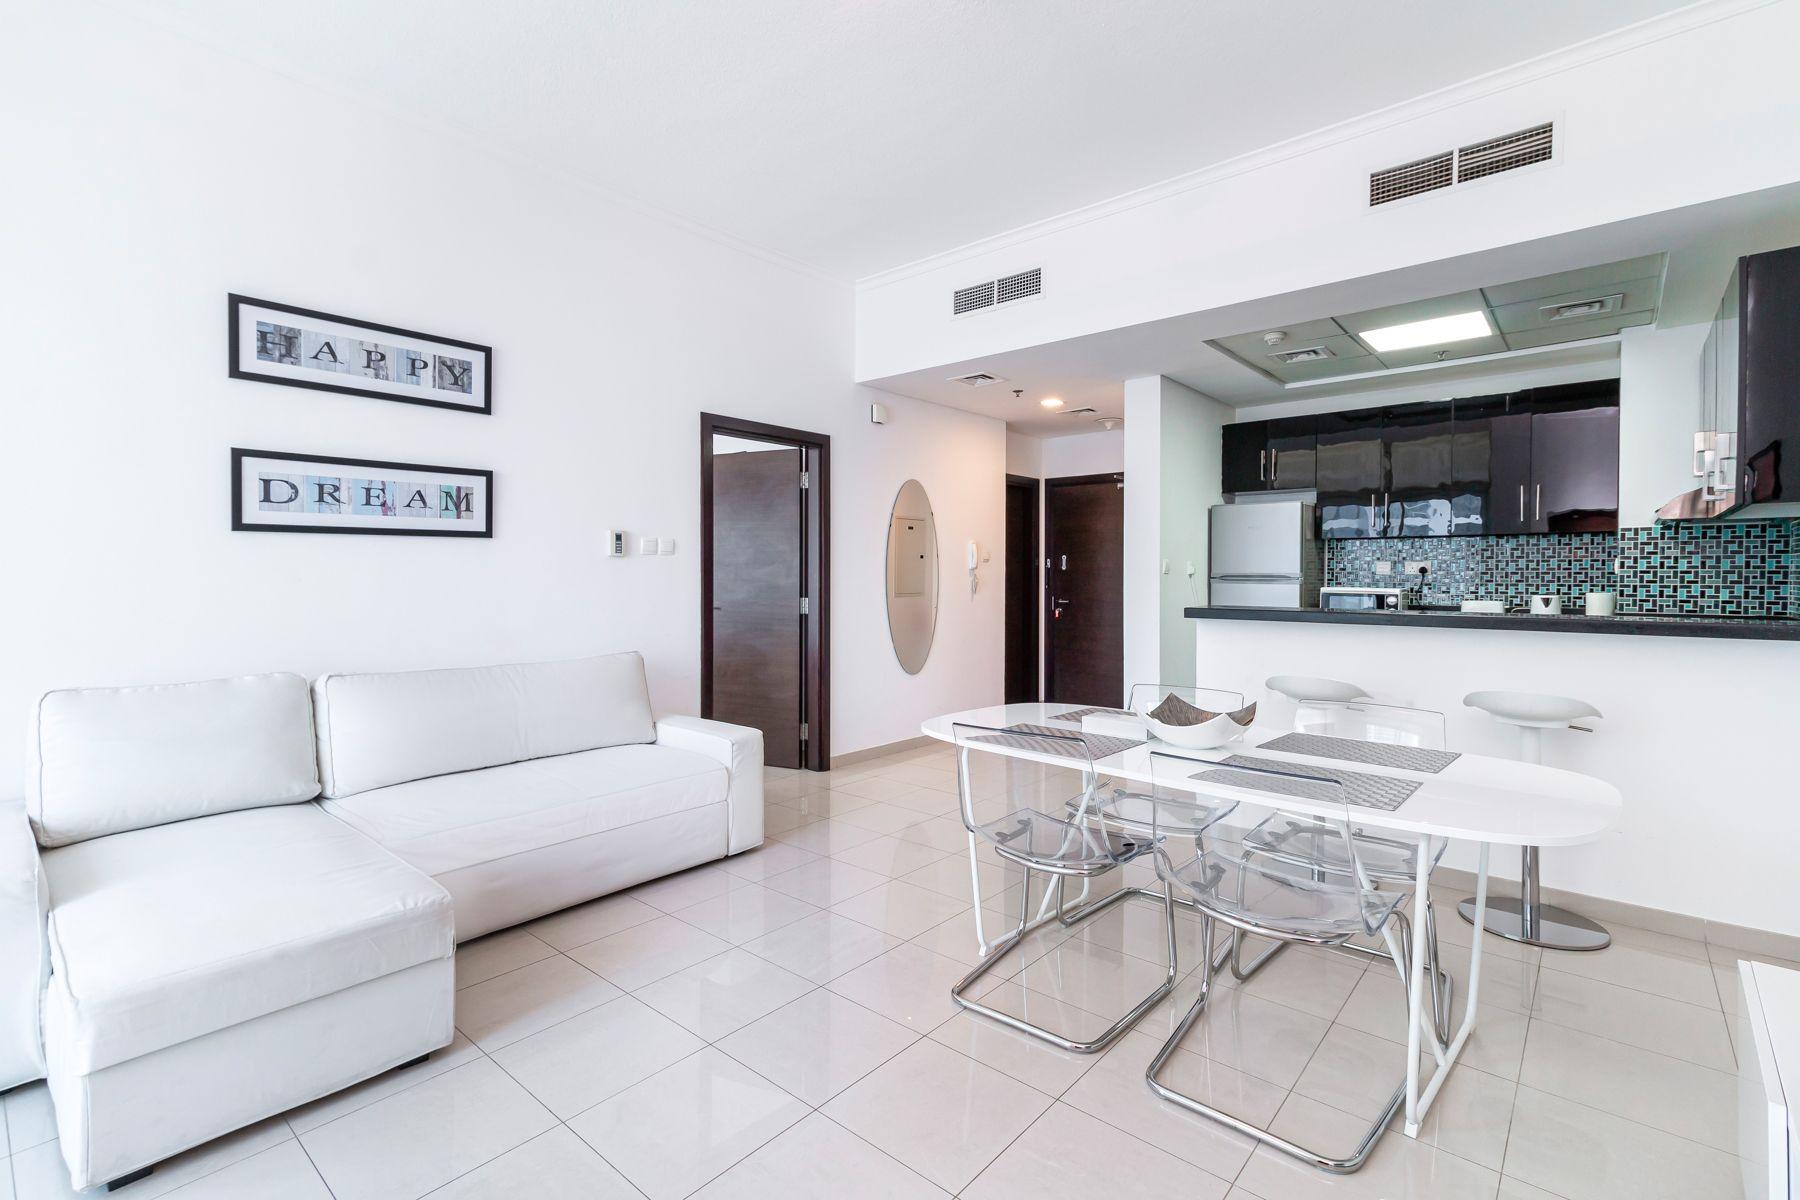 Apartment for Rent in Botanica Tower, Dubai Marina